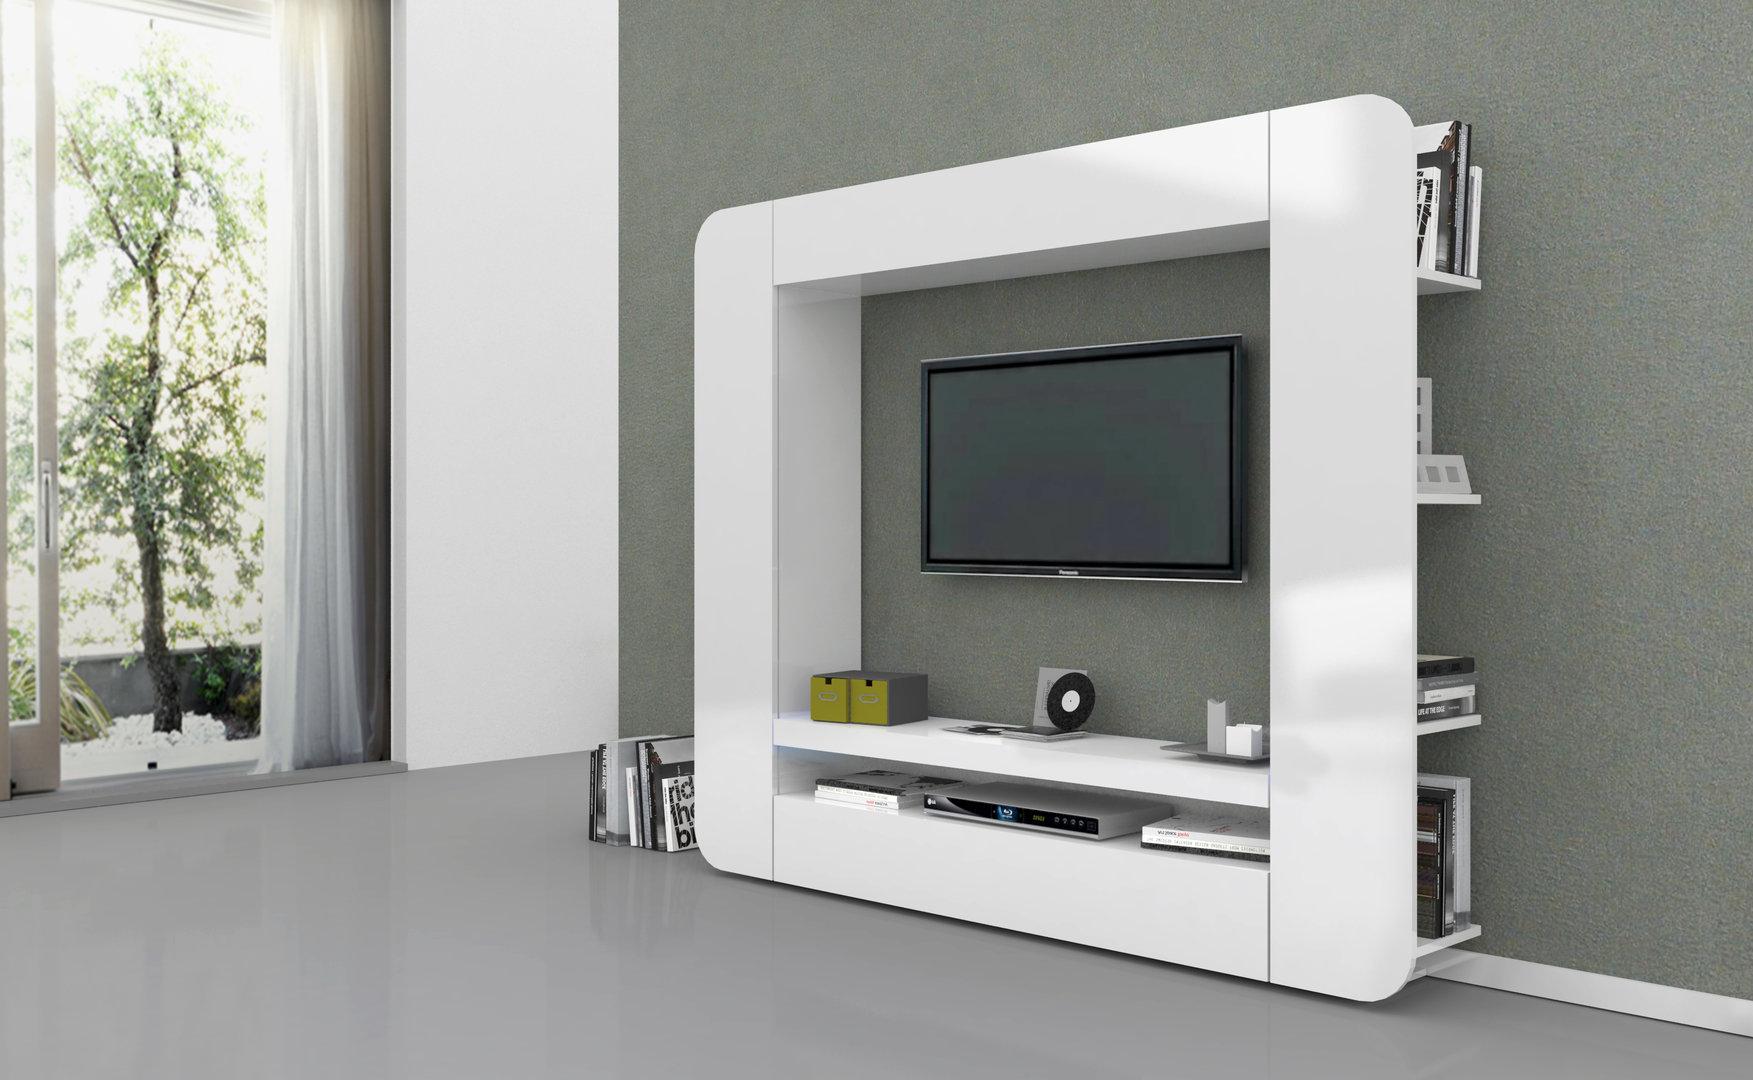 Soggiorno bianco o antracite zurigo mobile porta tv moderno for Mobile da soggiorno moderno